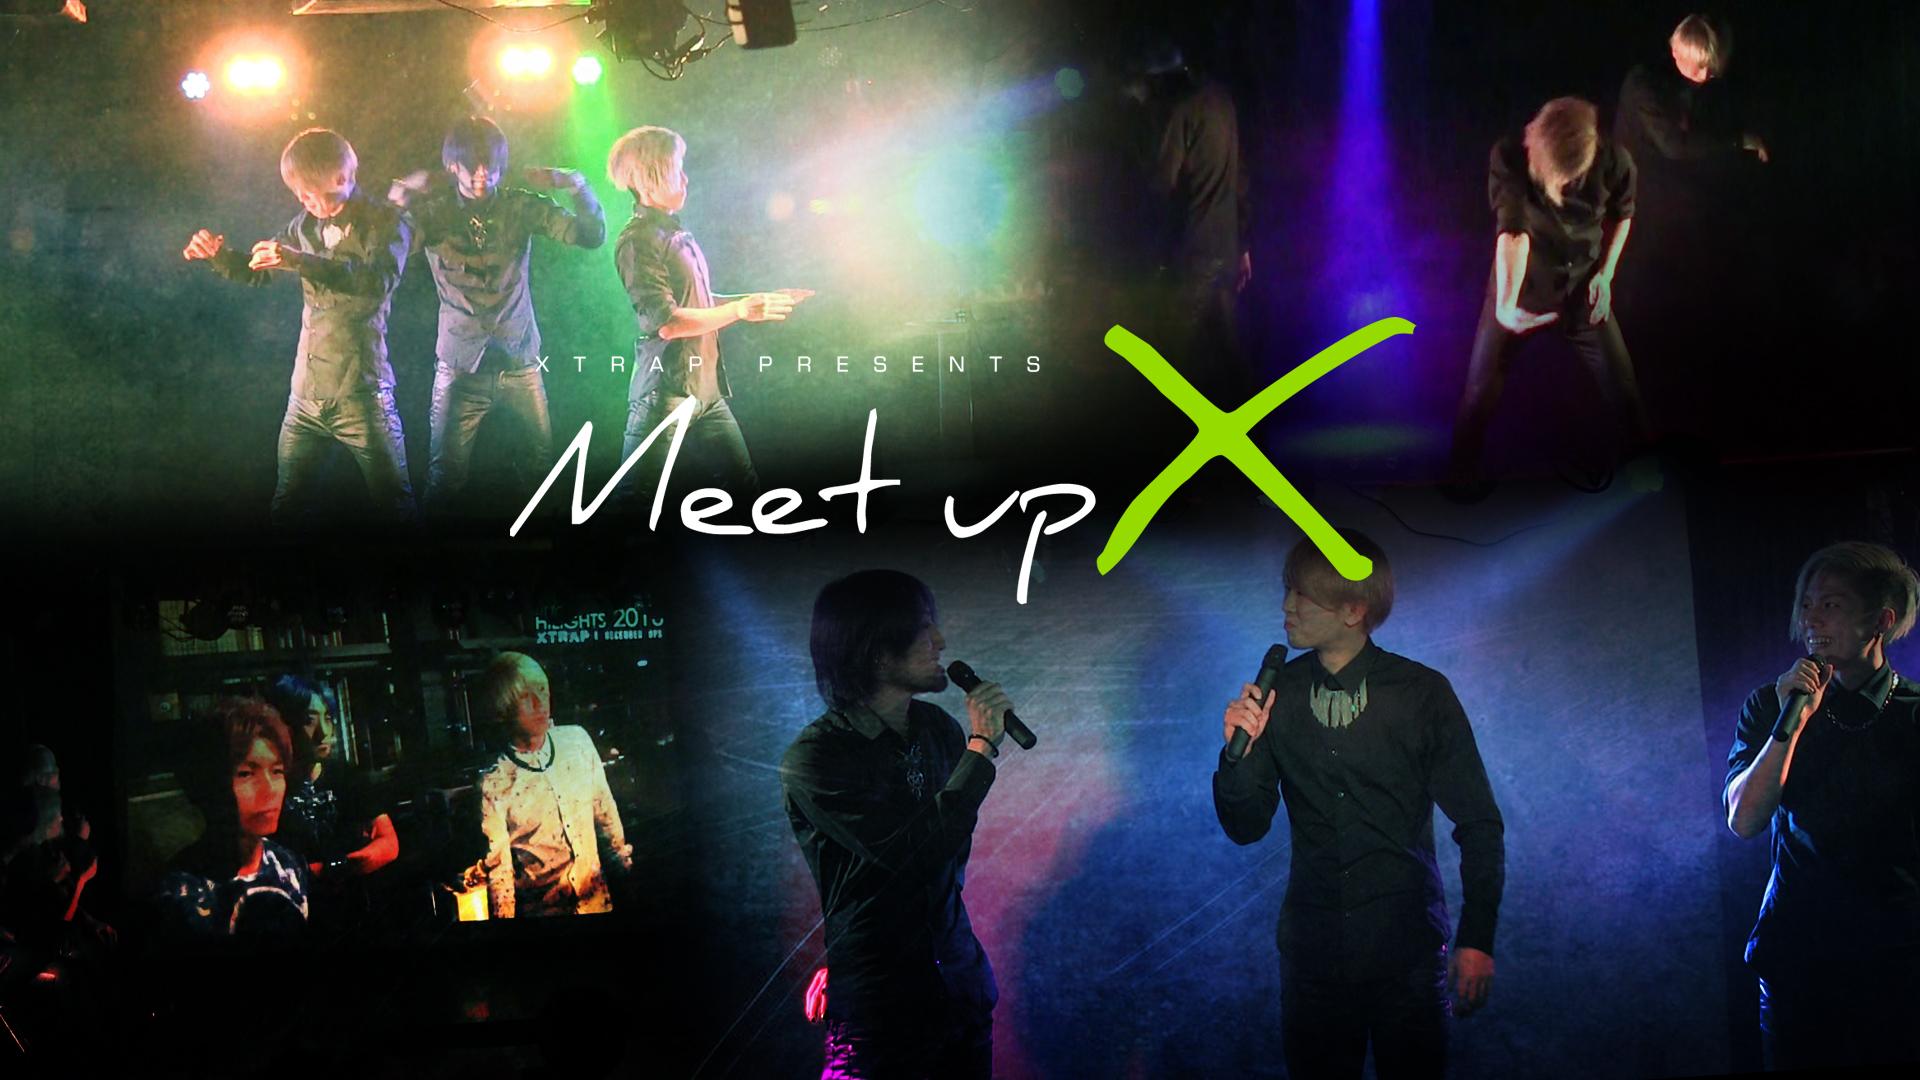 2017/3/27 XTRAP presents「Meet up X」(終了)